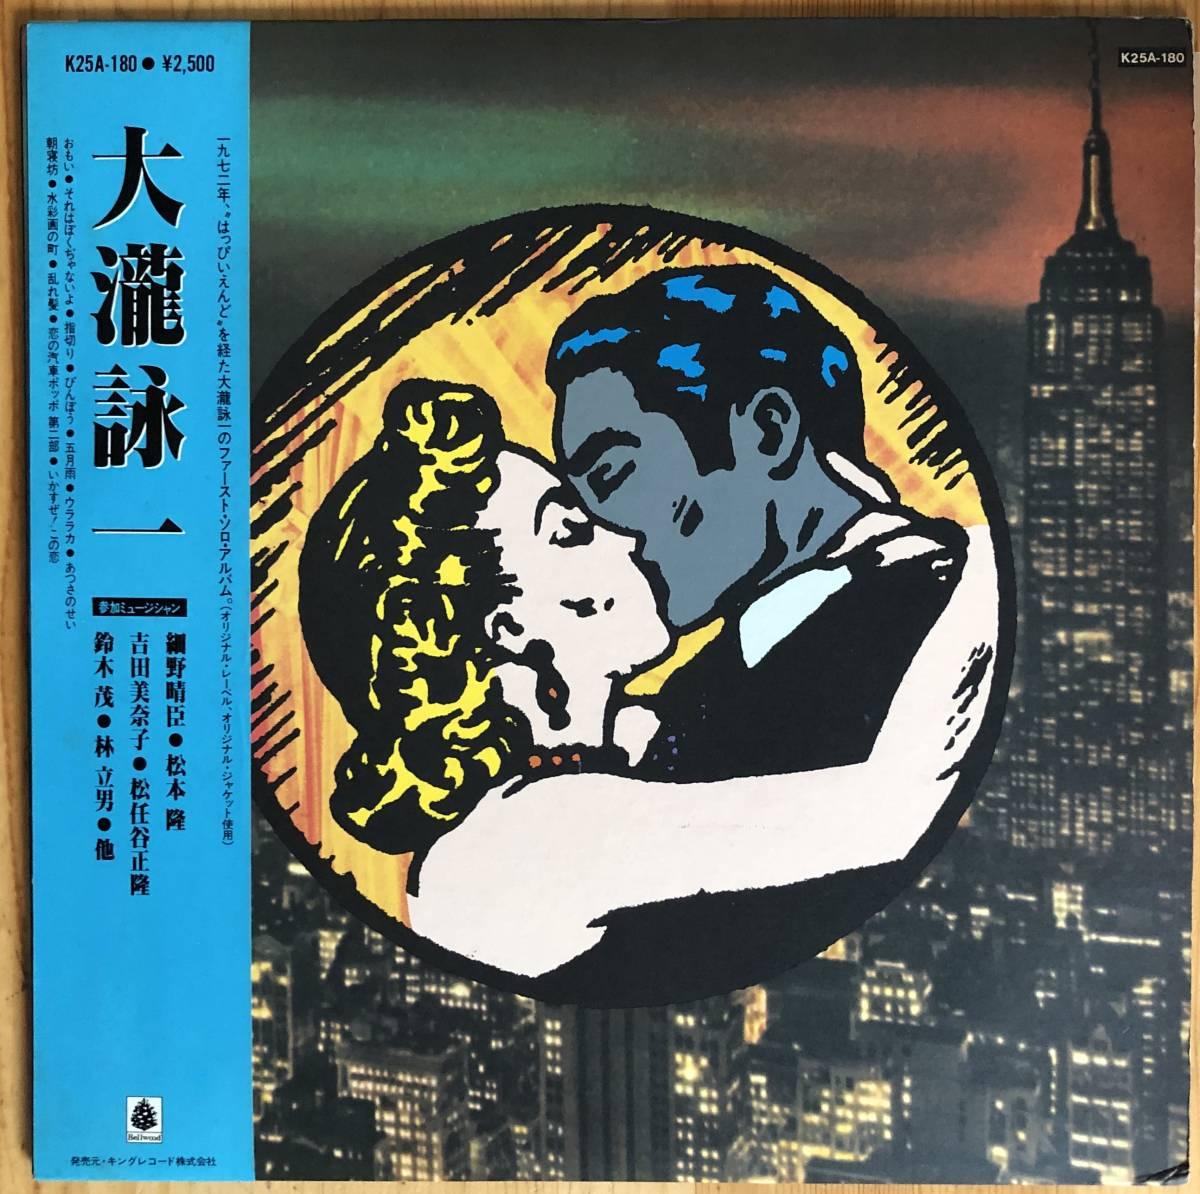 大瀧詠一 ファースト アルバム LP レコード 和モノ ライトメロウ K25A-180 大滝詠一_画像1